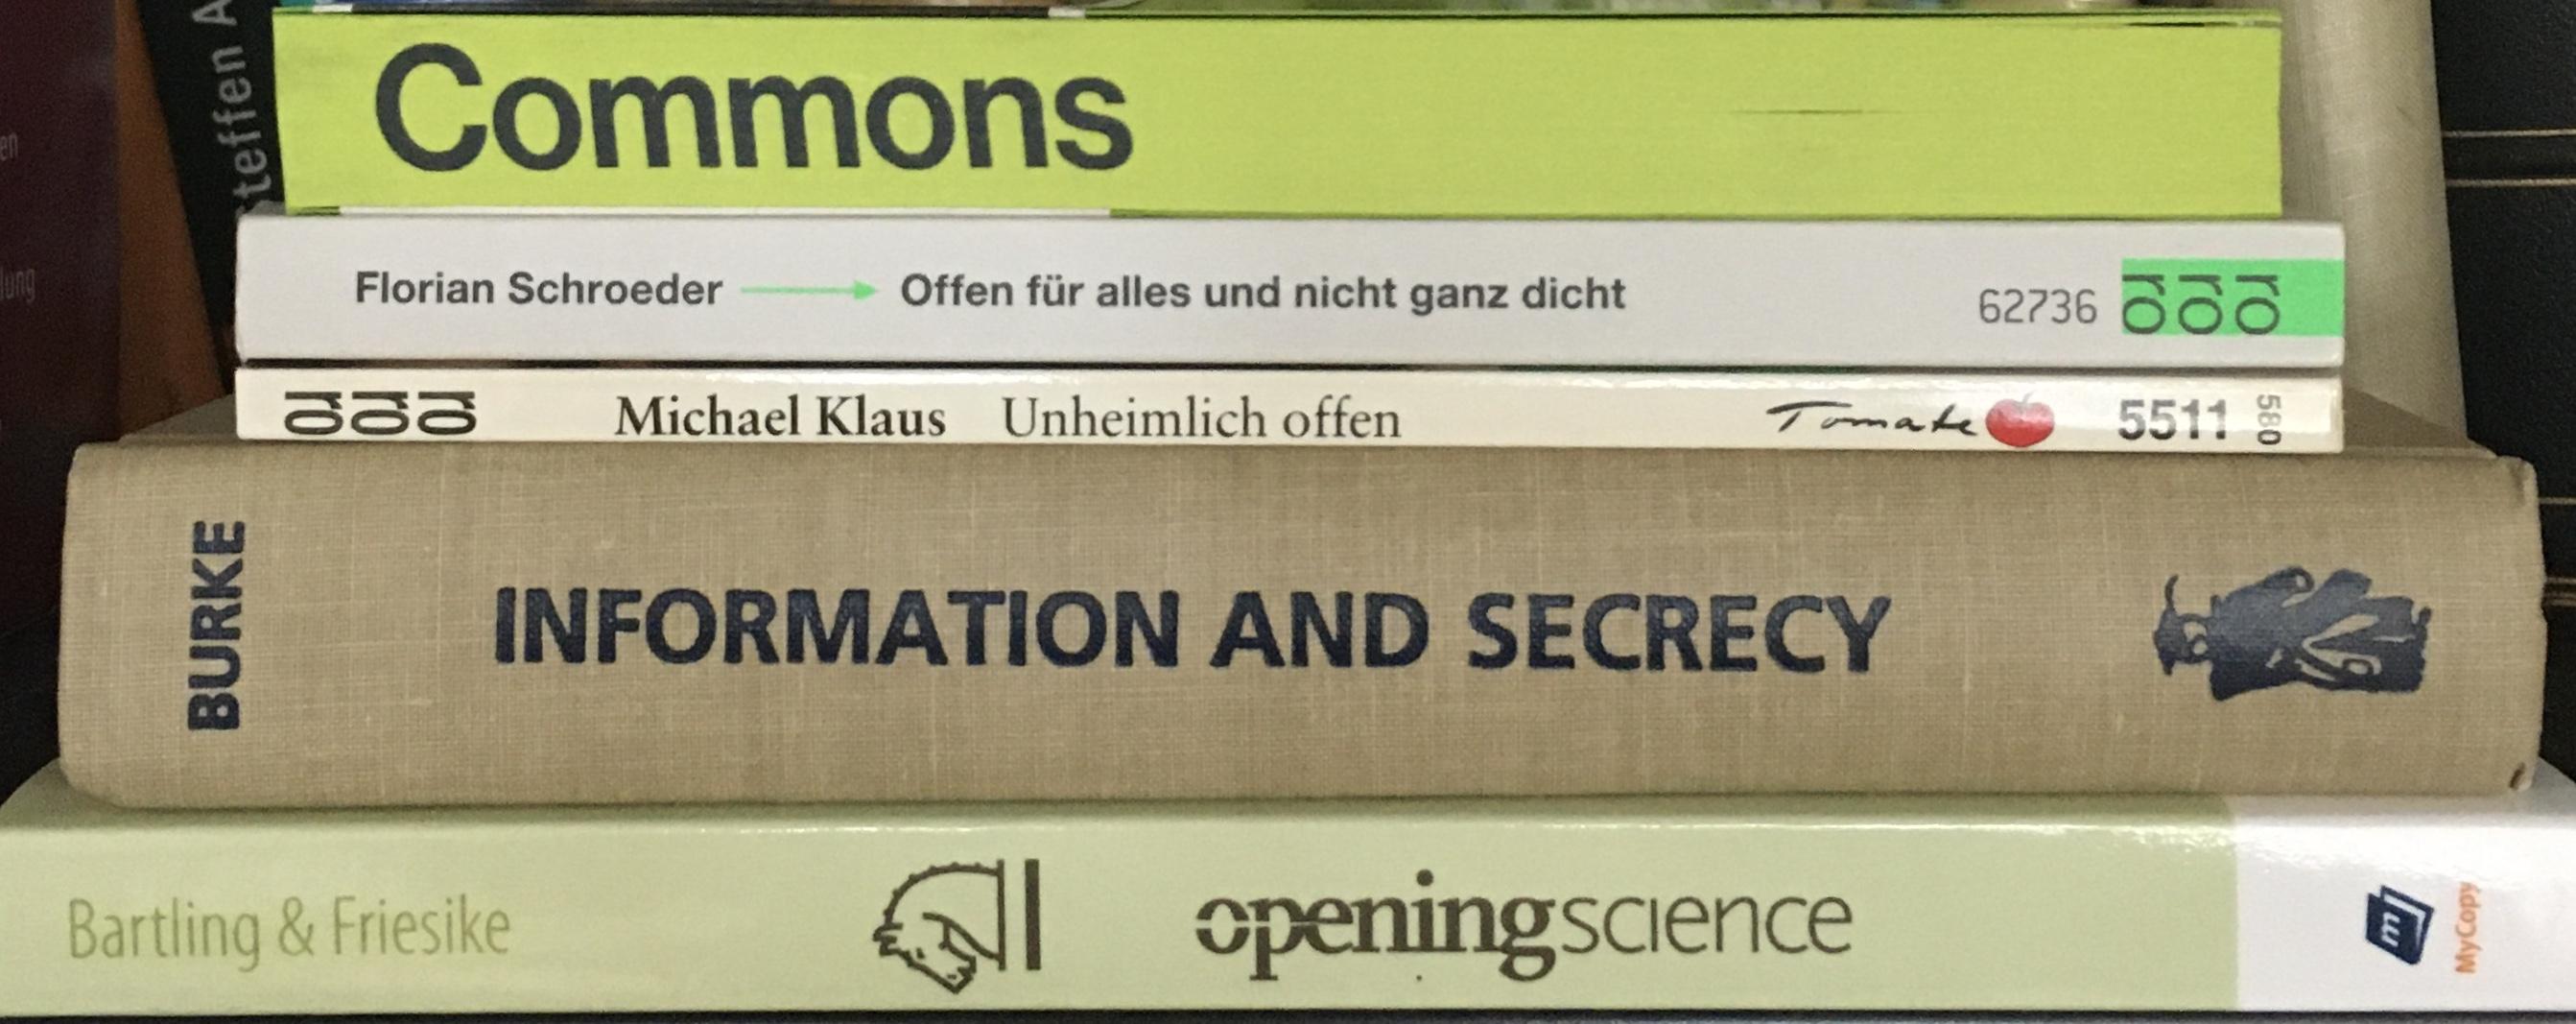 Bücher zum Thema Offenheit